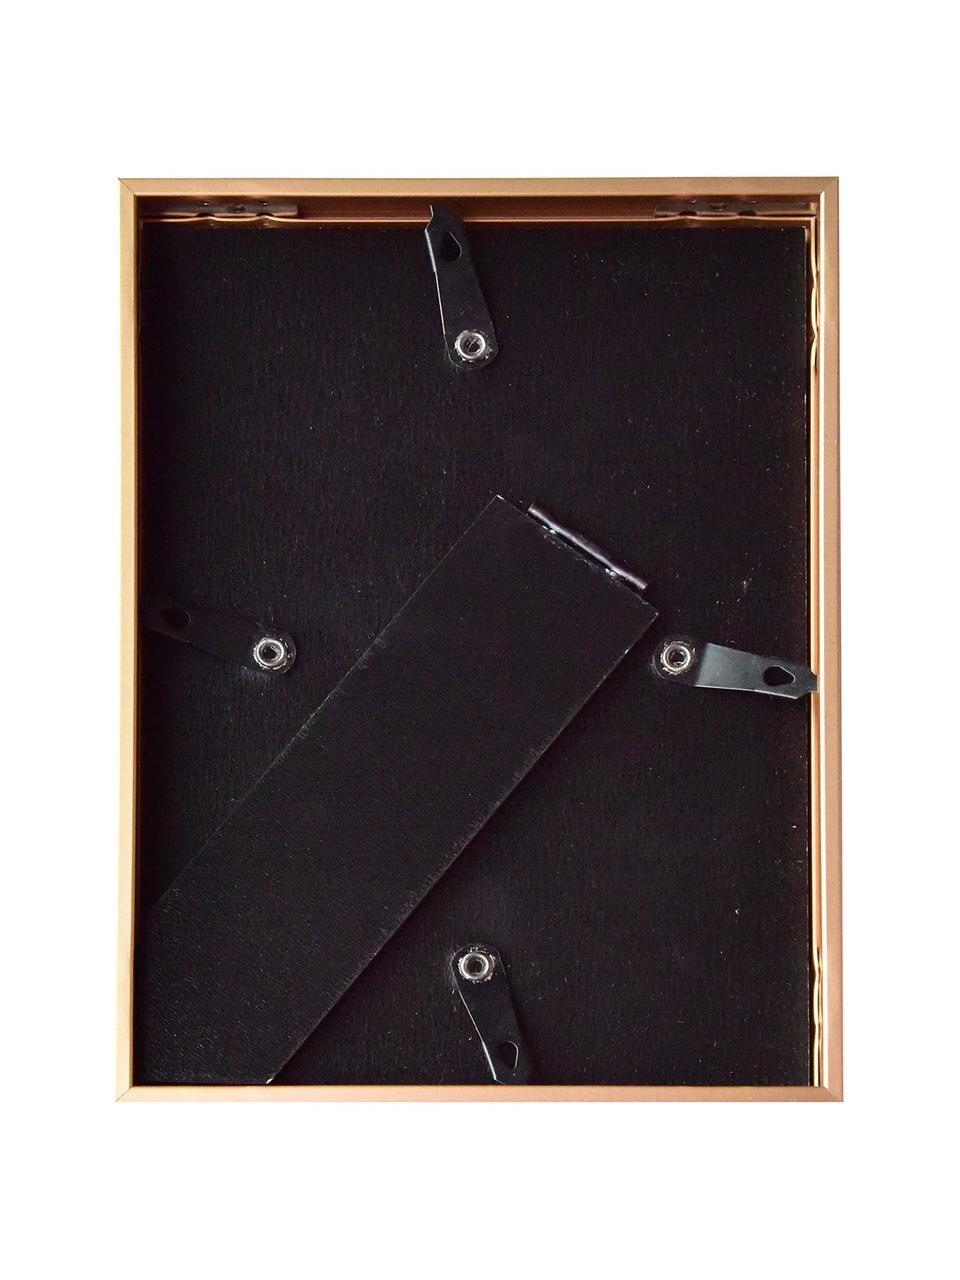 Ramka na zdjęcia Duo, Jasny brązowy, S 10 x D 15 cm